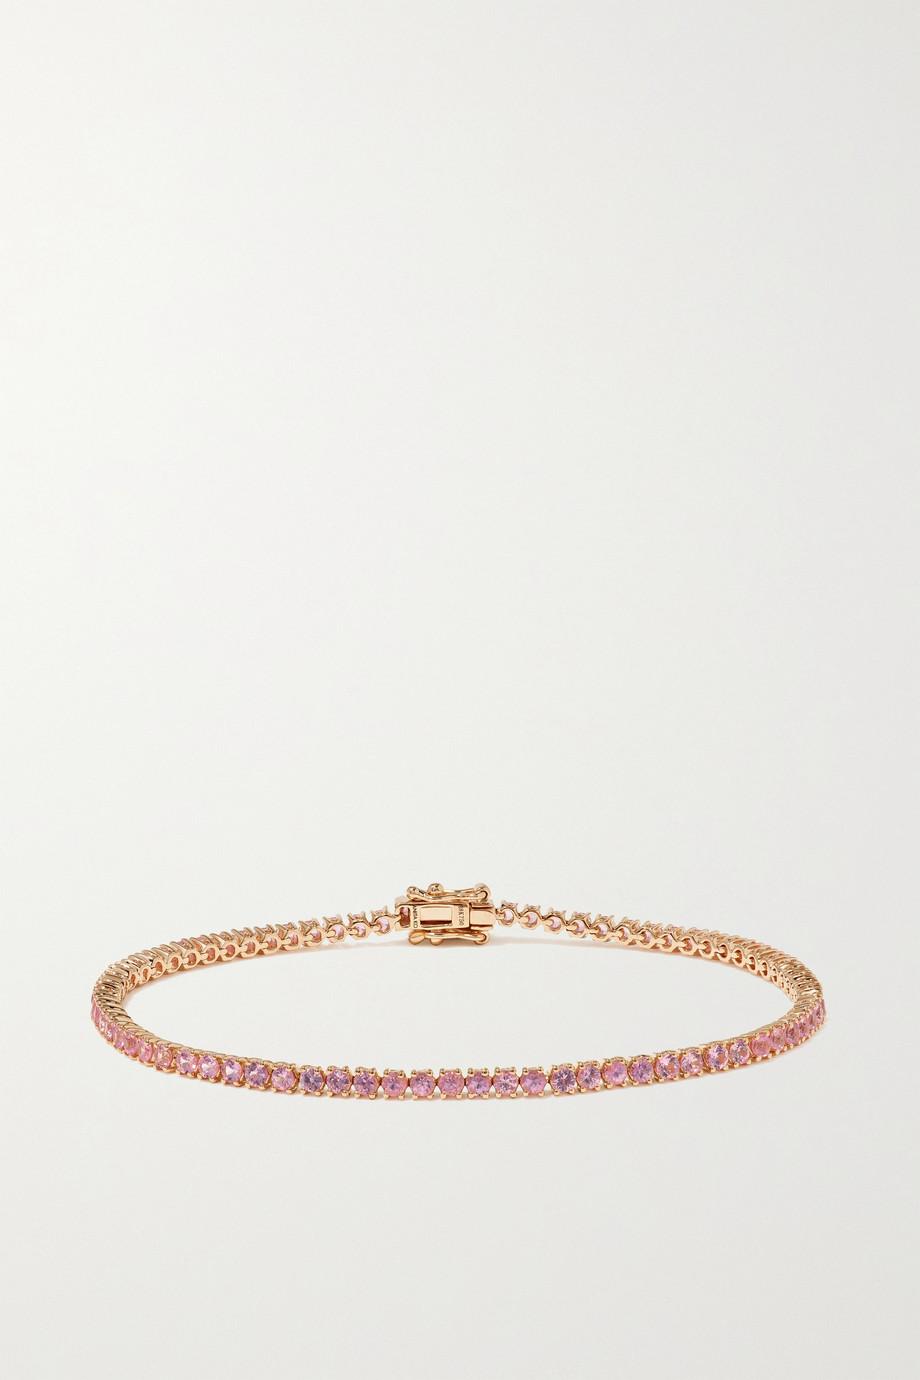 Anita Ko Hepburn 18-karat rose gold sapphire bracelet